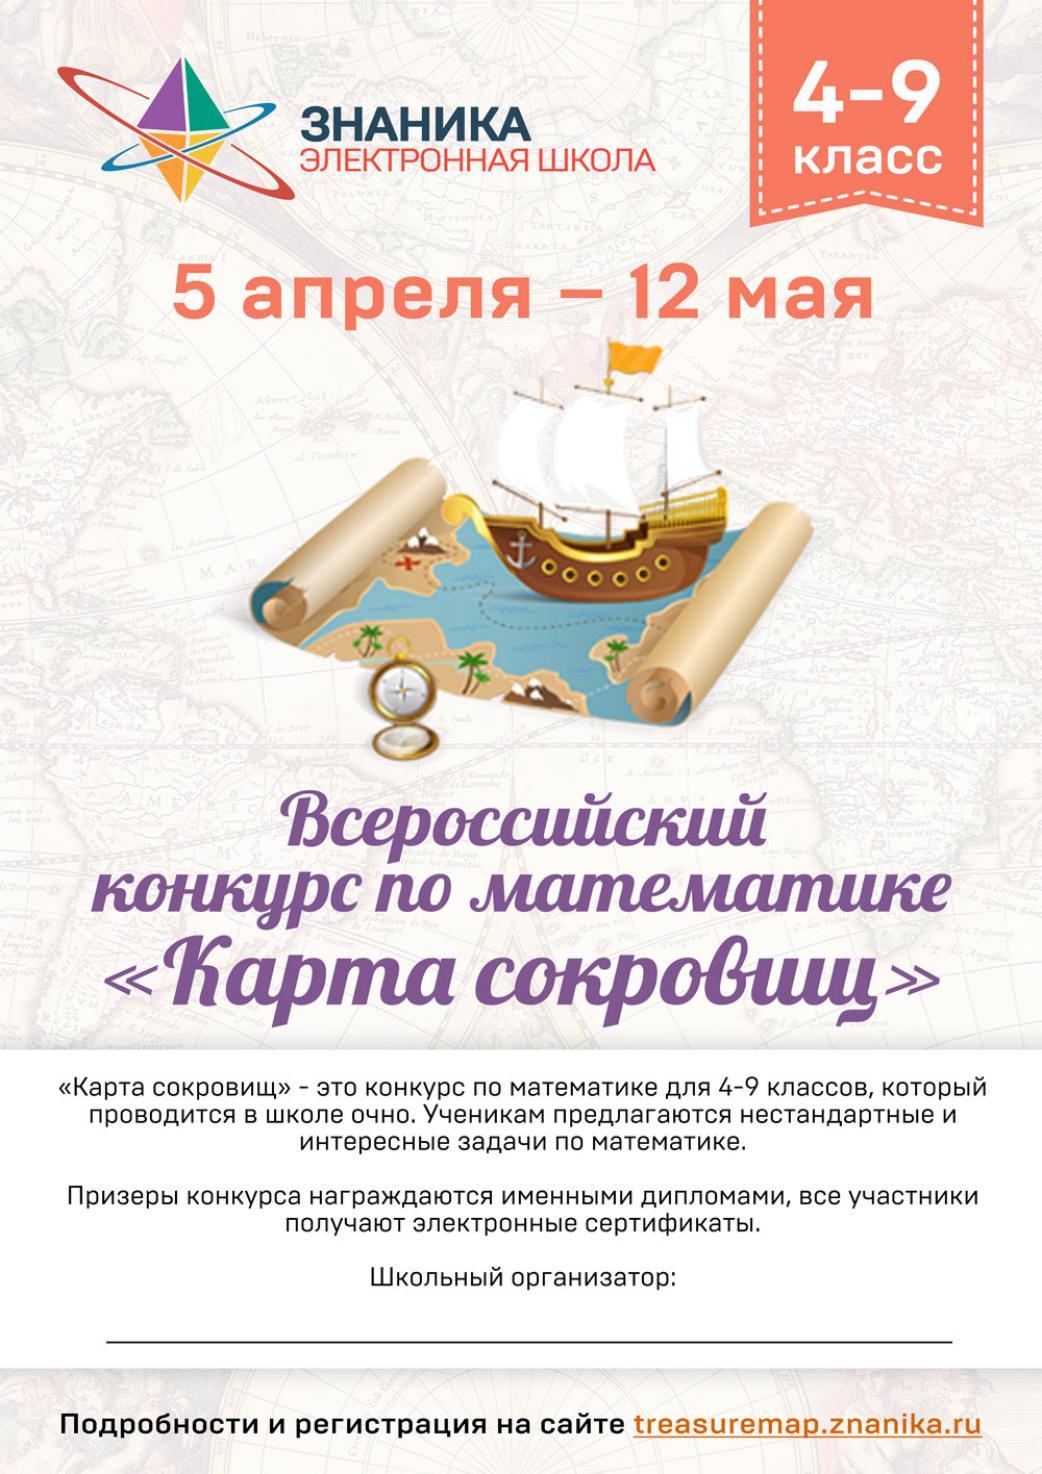 Всероссийский конкурс по математике для 1 класса